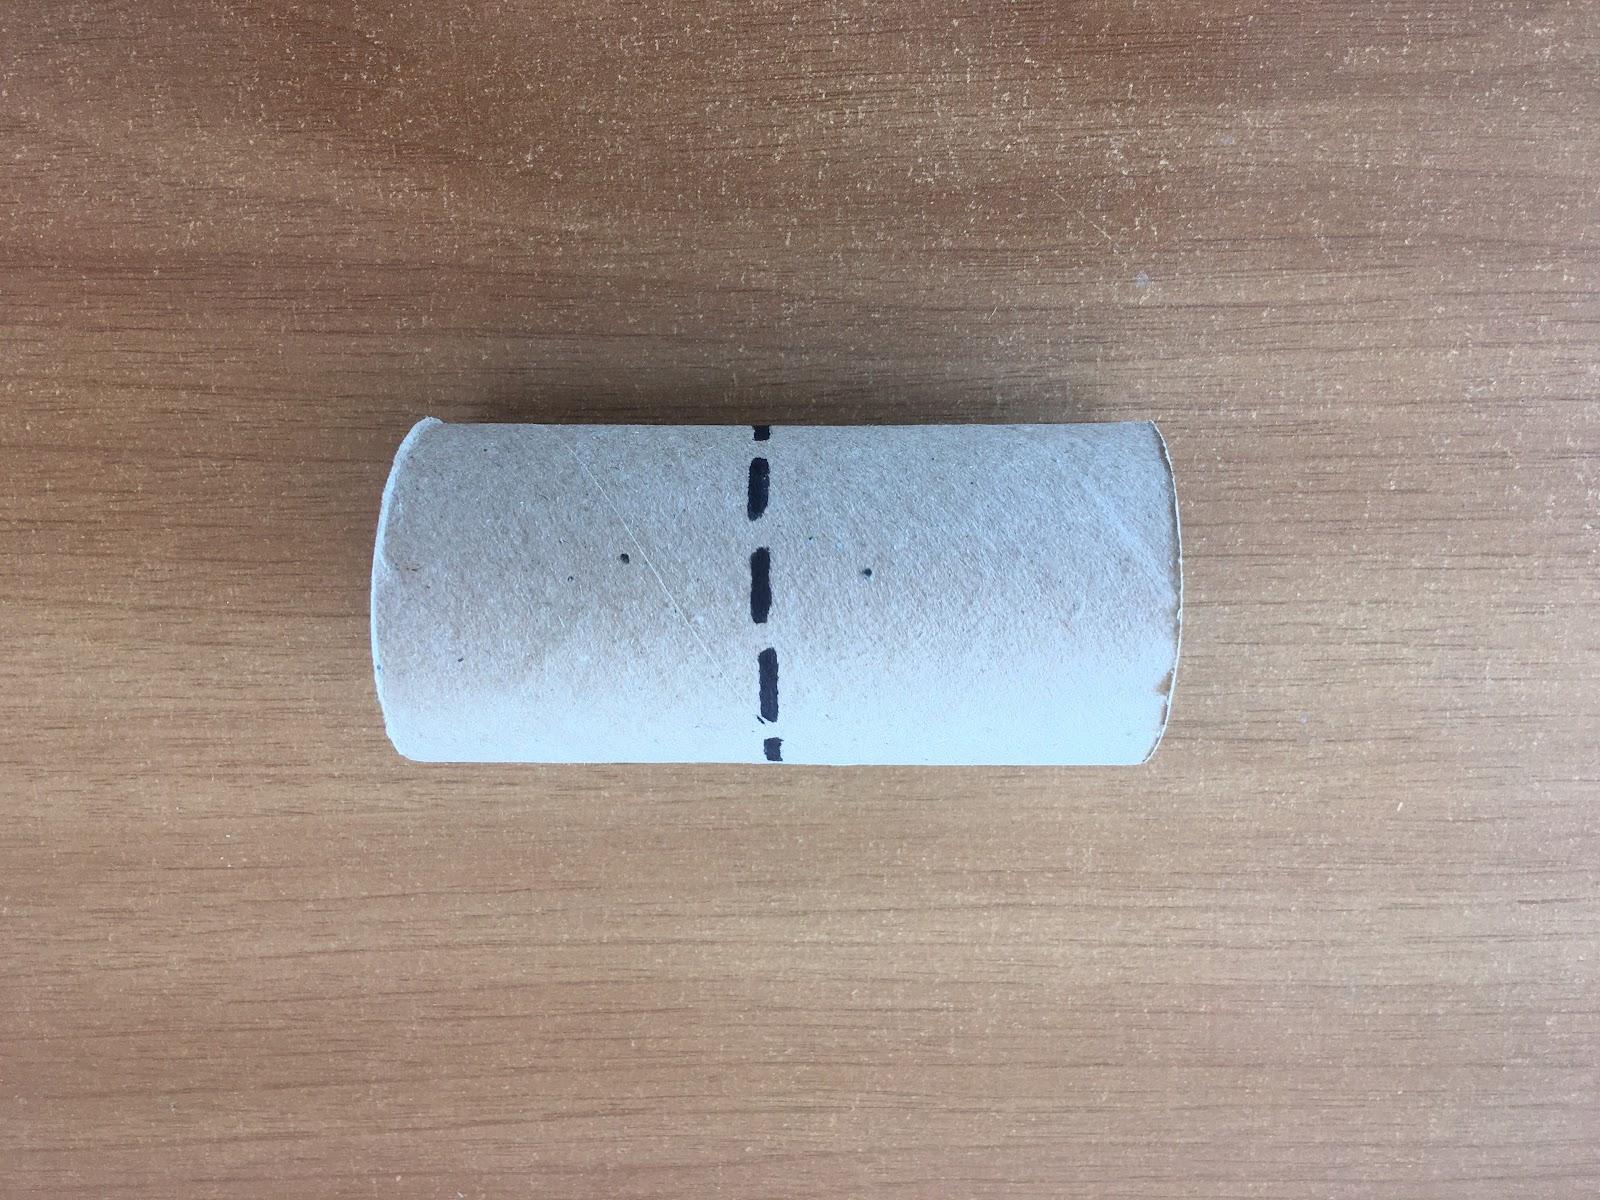 Trazado en fibra de una línea punteada que divide el rollo de cartón en dos partes iguales.